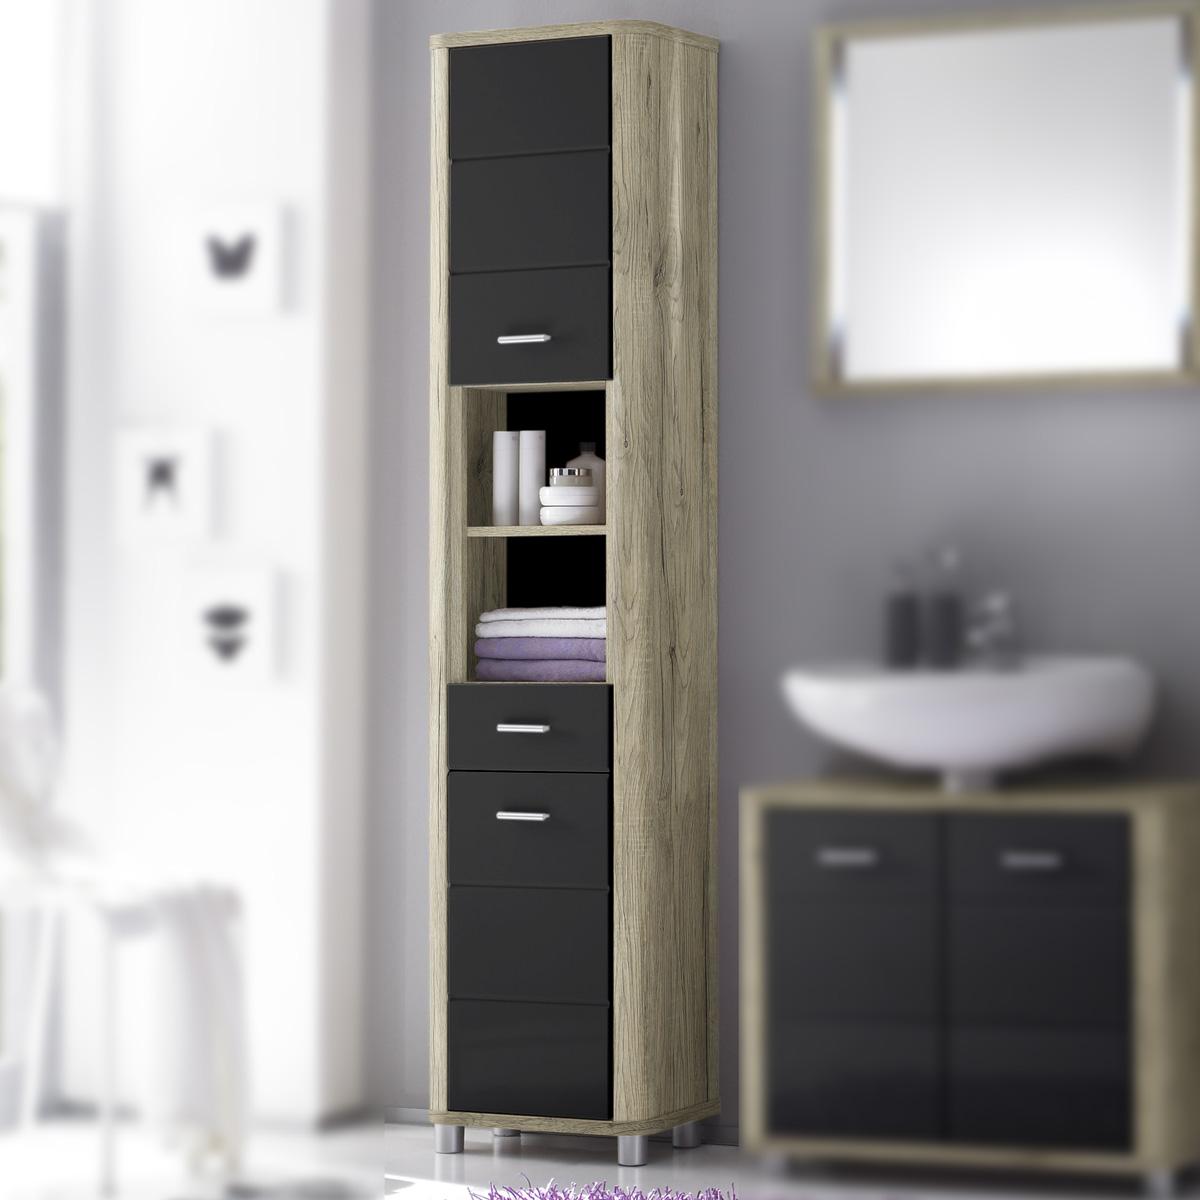 Badezimmer vital bad kommode hochschrank unterschrank for Badezimmer kommode weiay